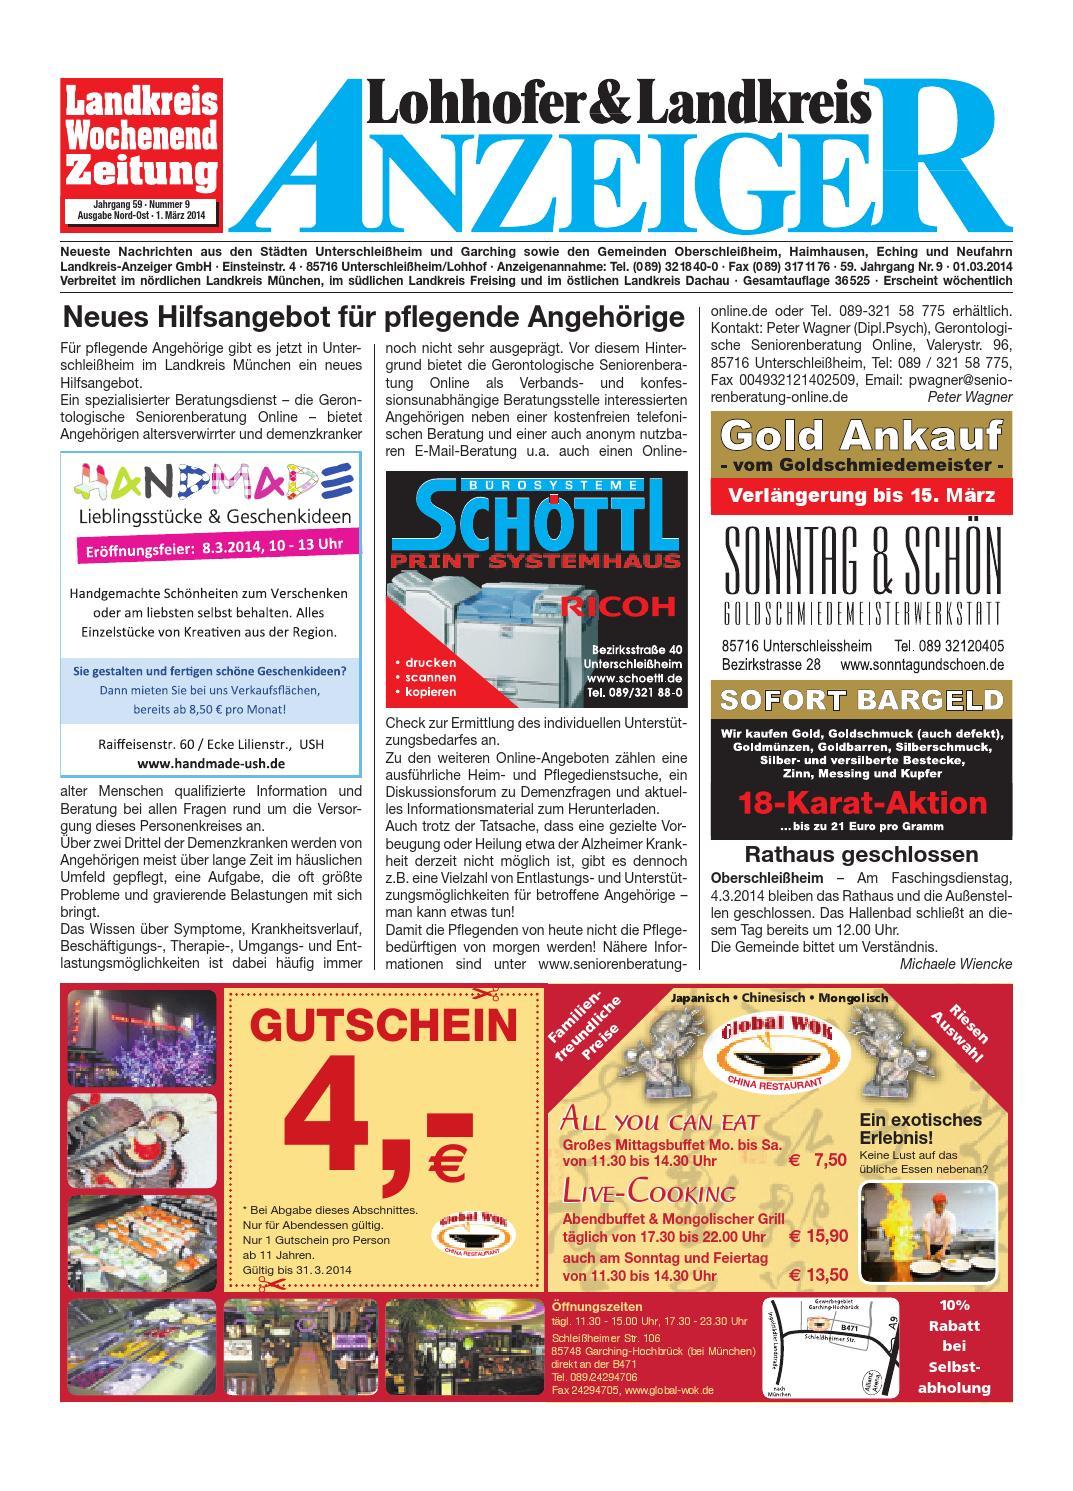 Lohhofer & Landkreis Anzeiger 09 by Zimmermann GmbH Druck & Verlag - issuu